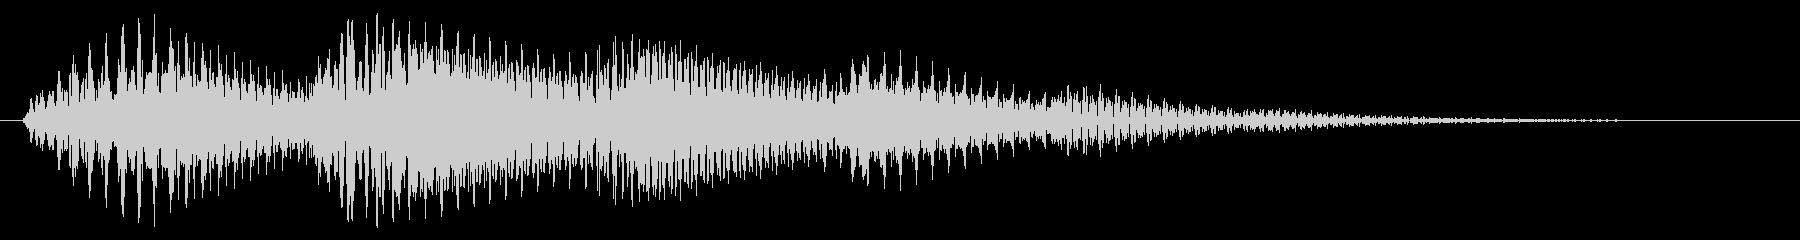 跳ねるような軽快な効果音の未再生の波形